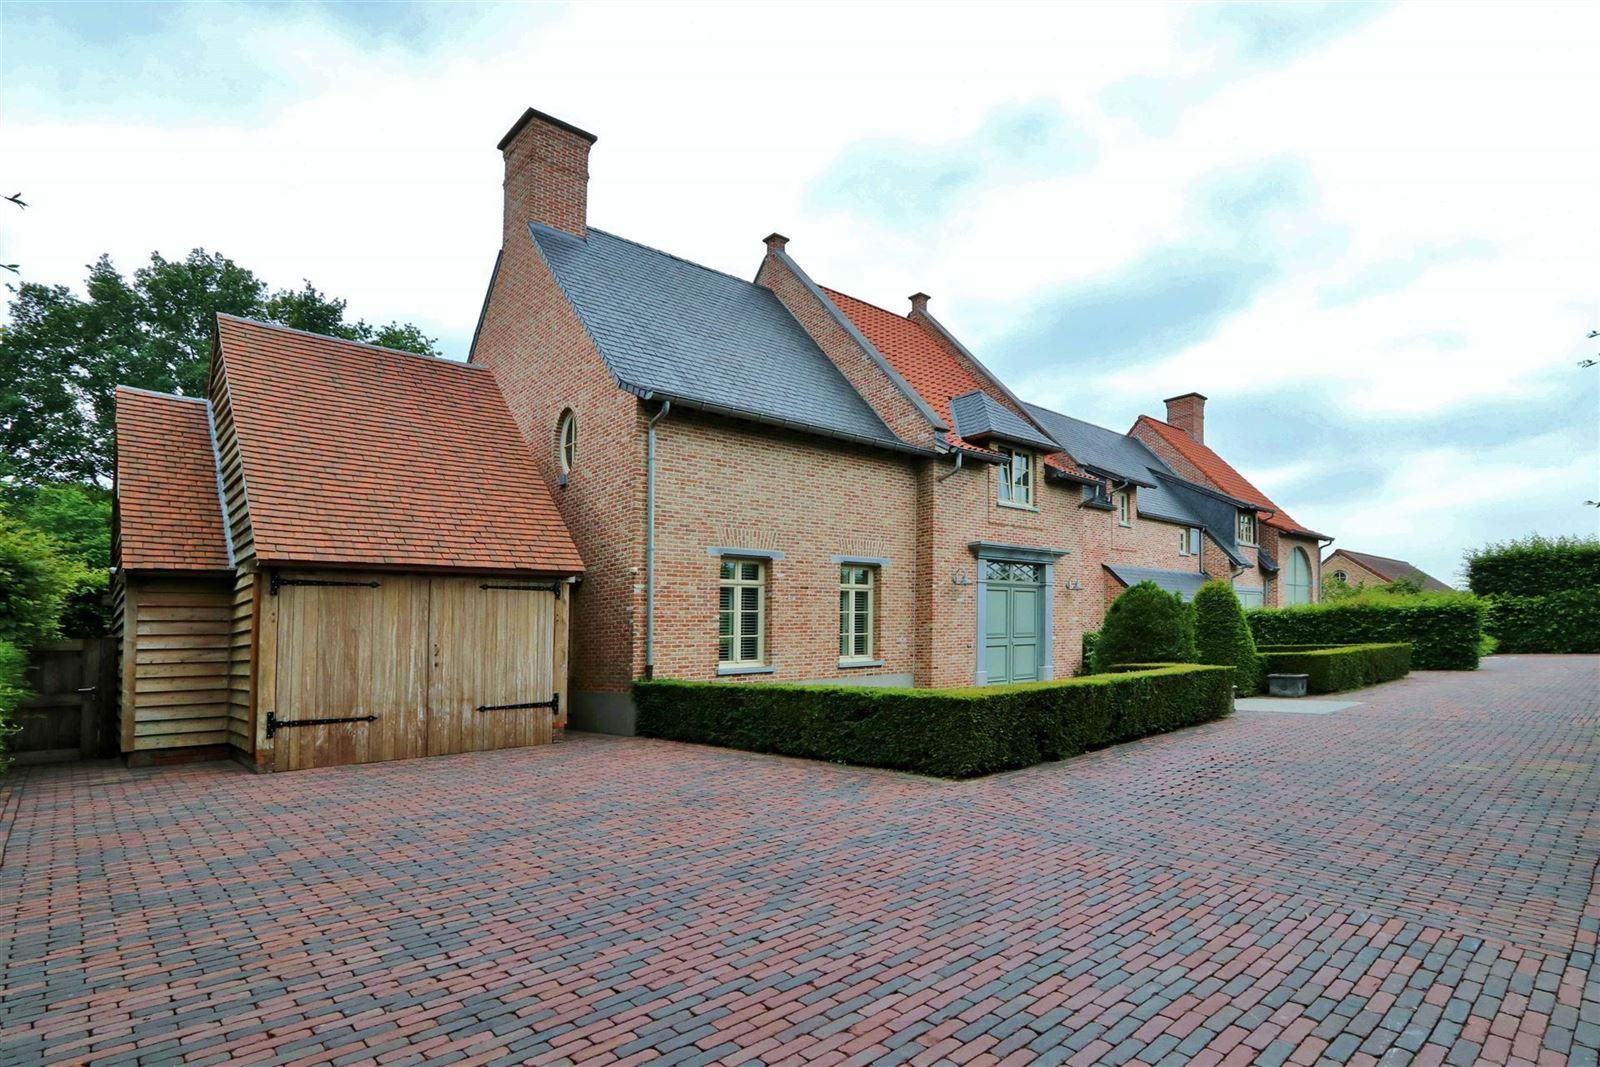 PHOTOS 2 : Maison à 1640 RHODE-SAINT-GENESE (Belgique) - Prix 1.500.000 €